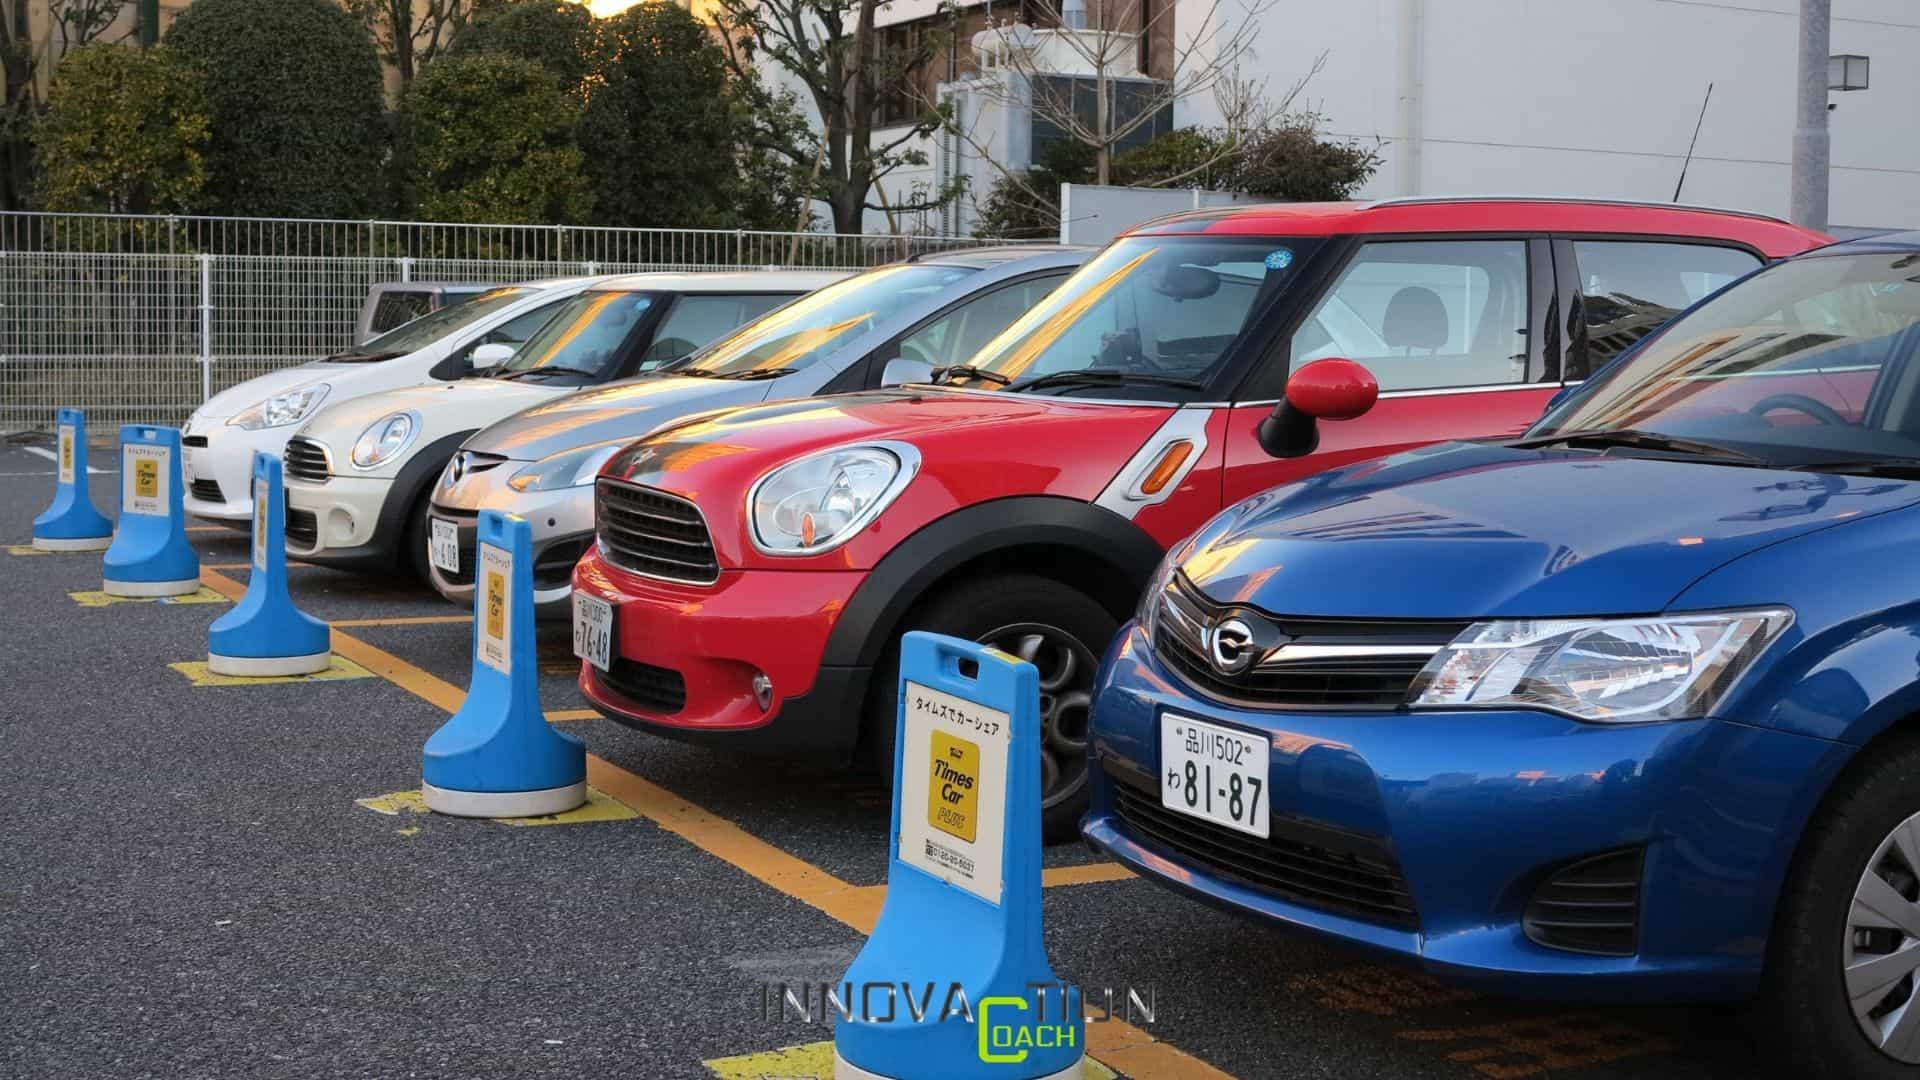 In Giappone utilizzano il car-sharing, senza guidare le auto.